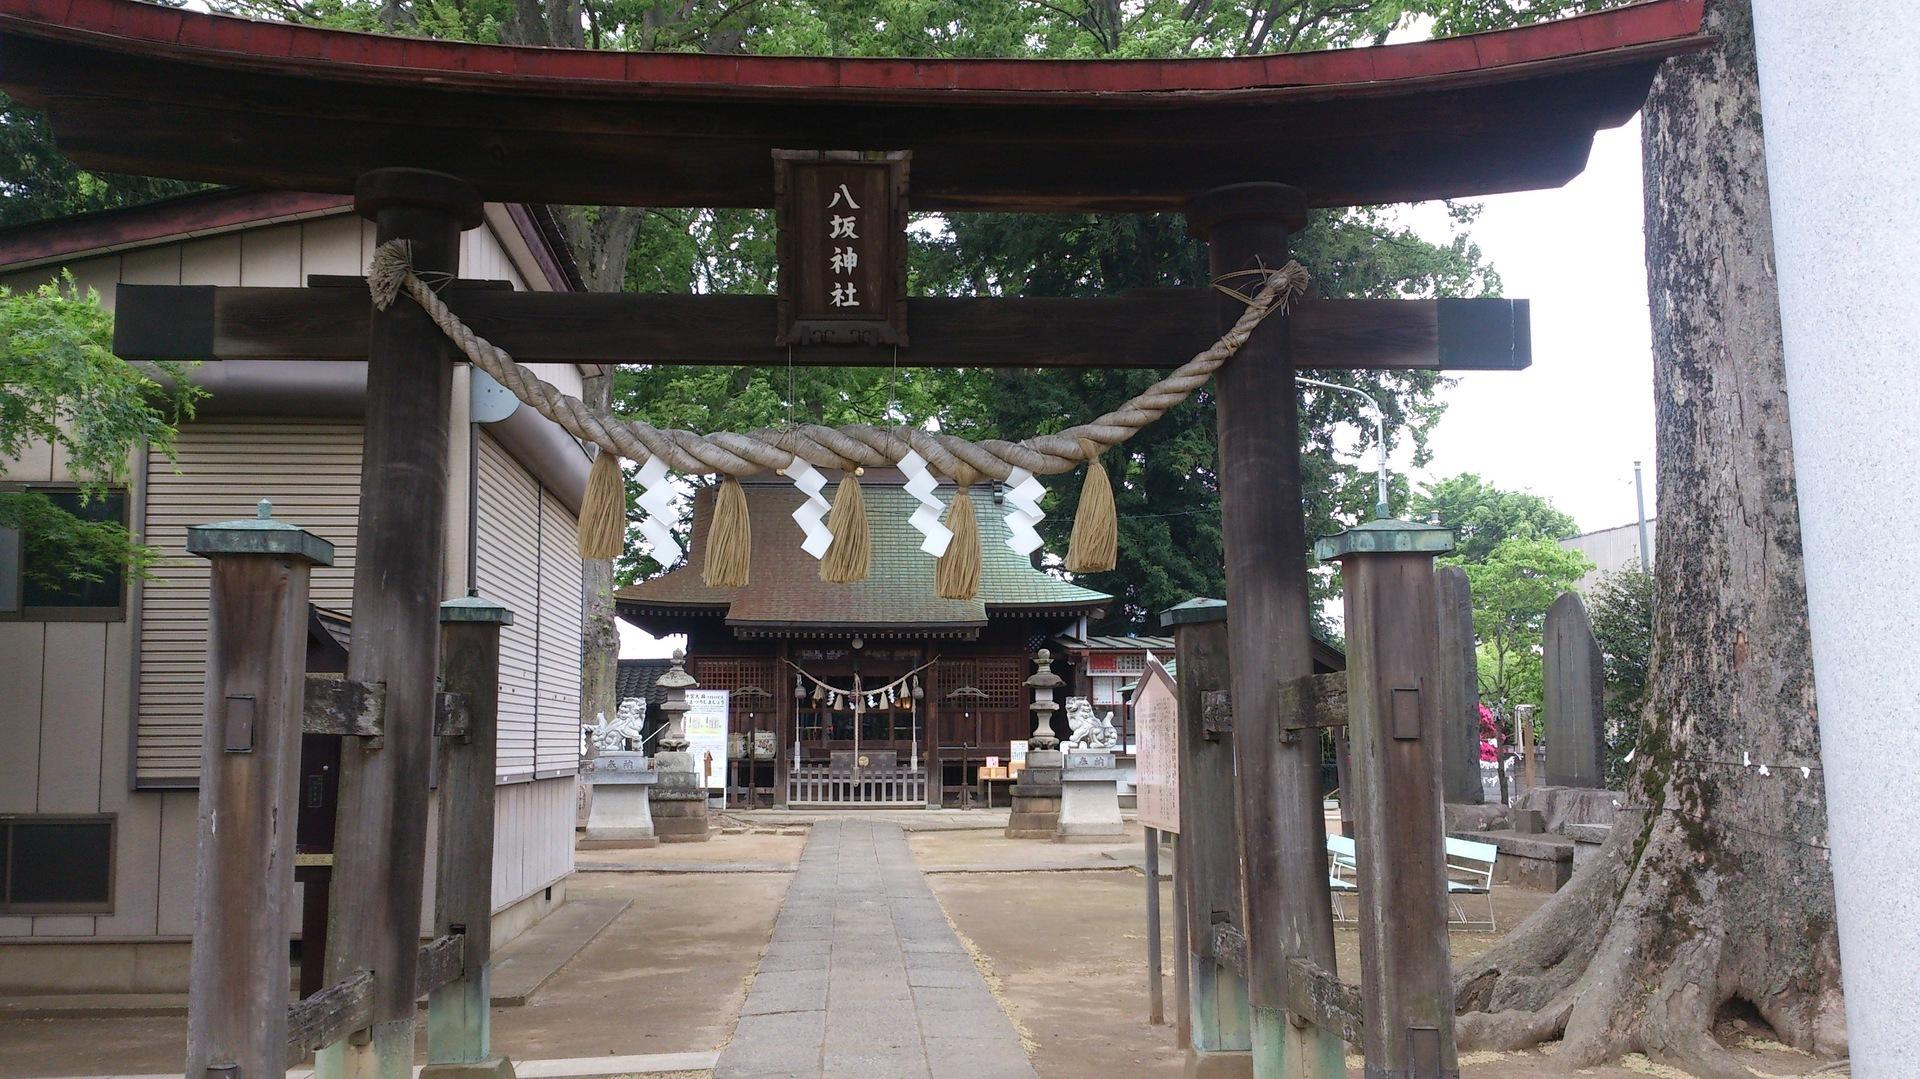 神社 守谷 八坂 【天神神社】森の中にある神秘的な神社(守谷市)